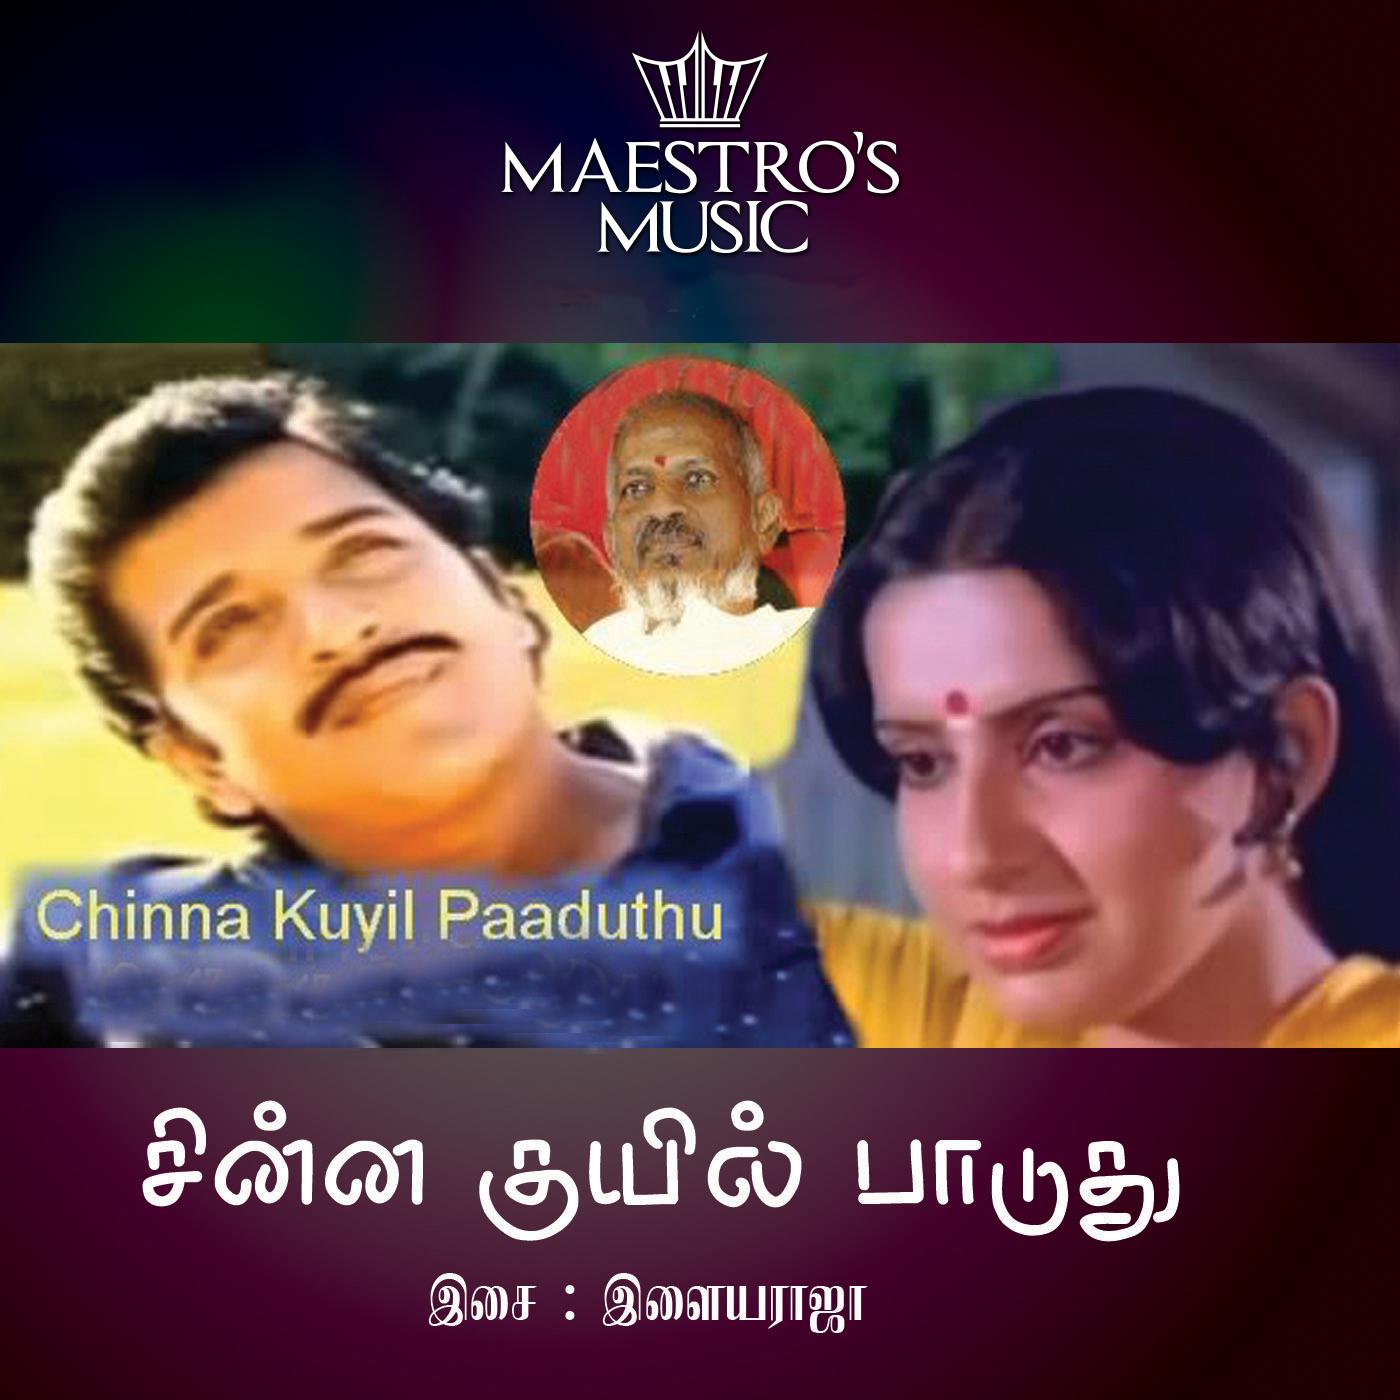 Chinna Kuyil Paattu ((1987))